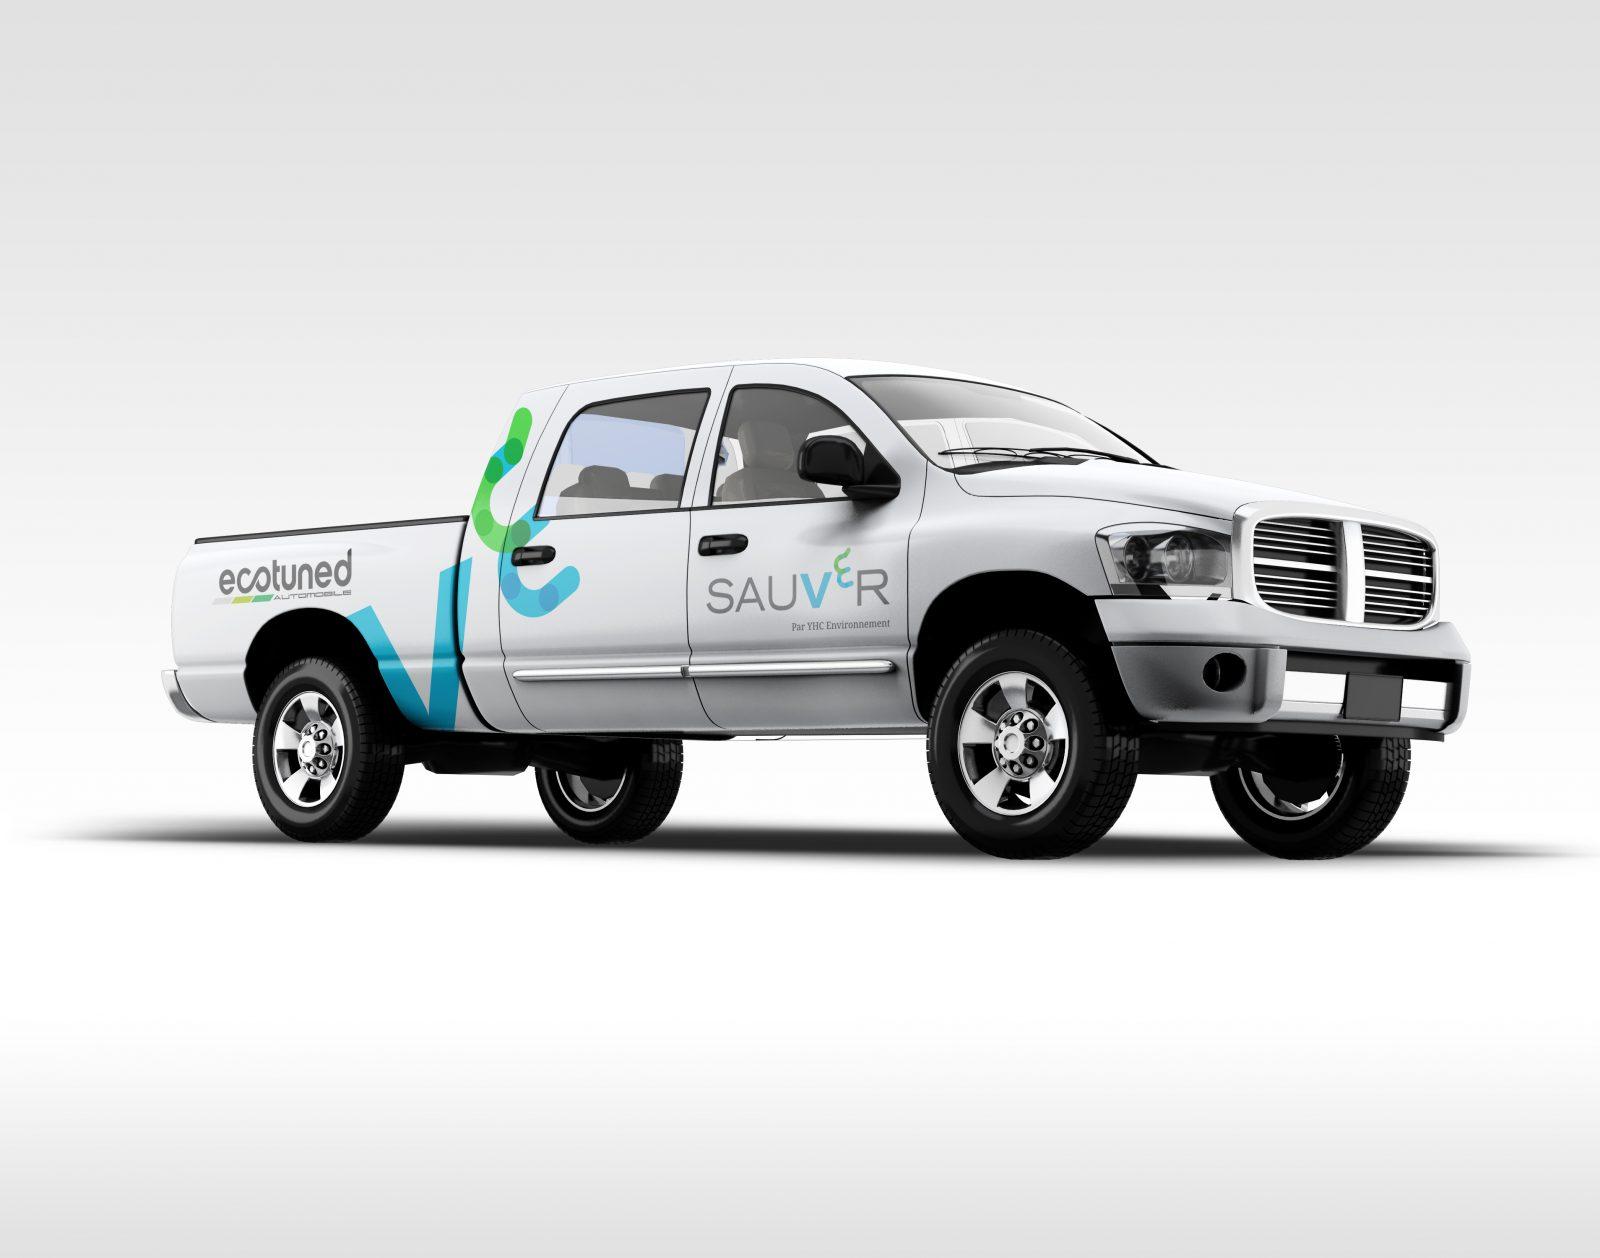 Quatre camions de la Ville de Varennes seront convertis 100 % électriques par l'entreprise locale Ecotuned